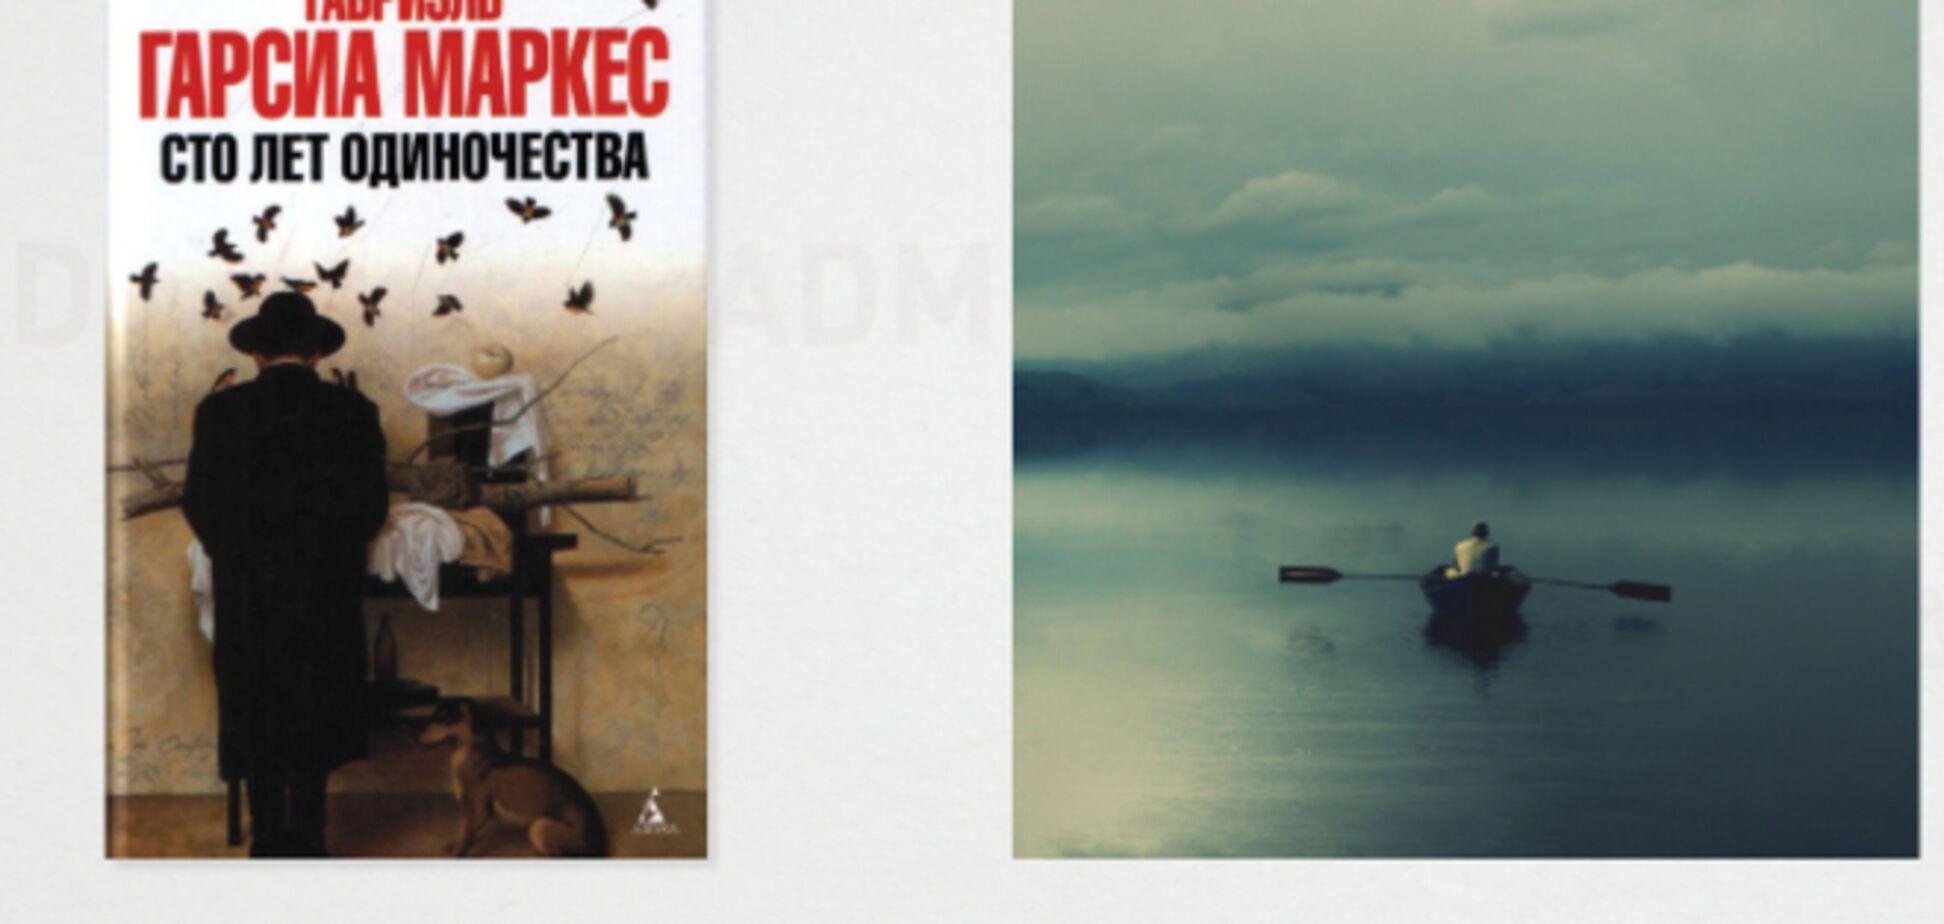 10 полярных книг: ожидания и реальность